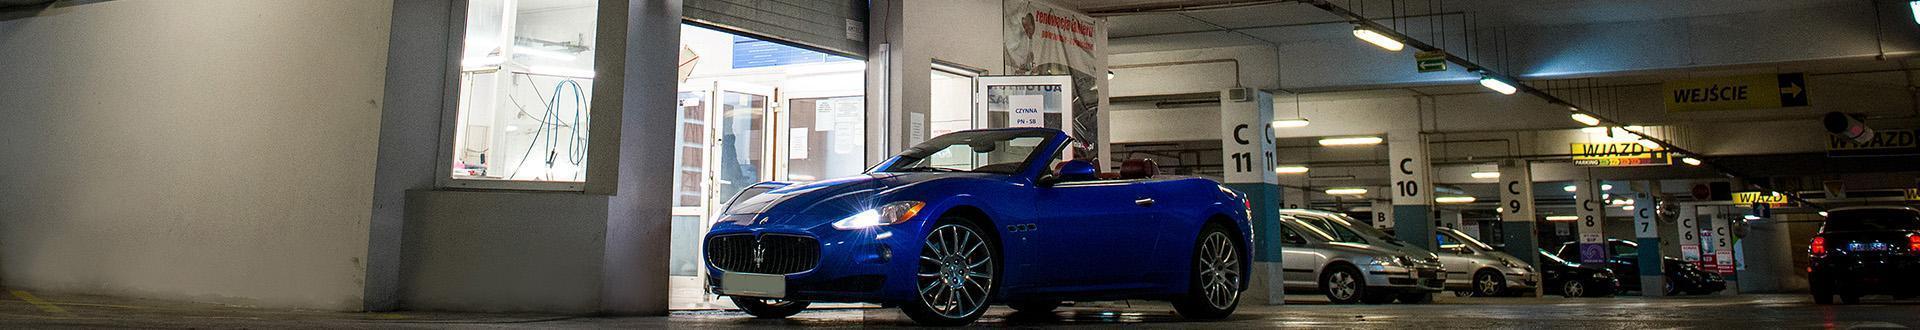 niebieskie Maserati na parkingu